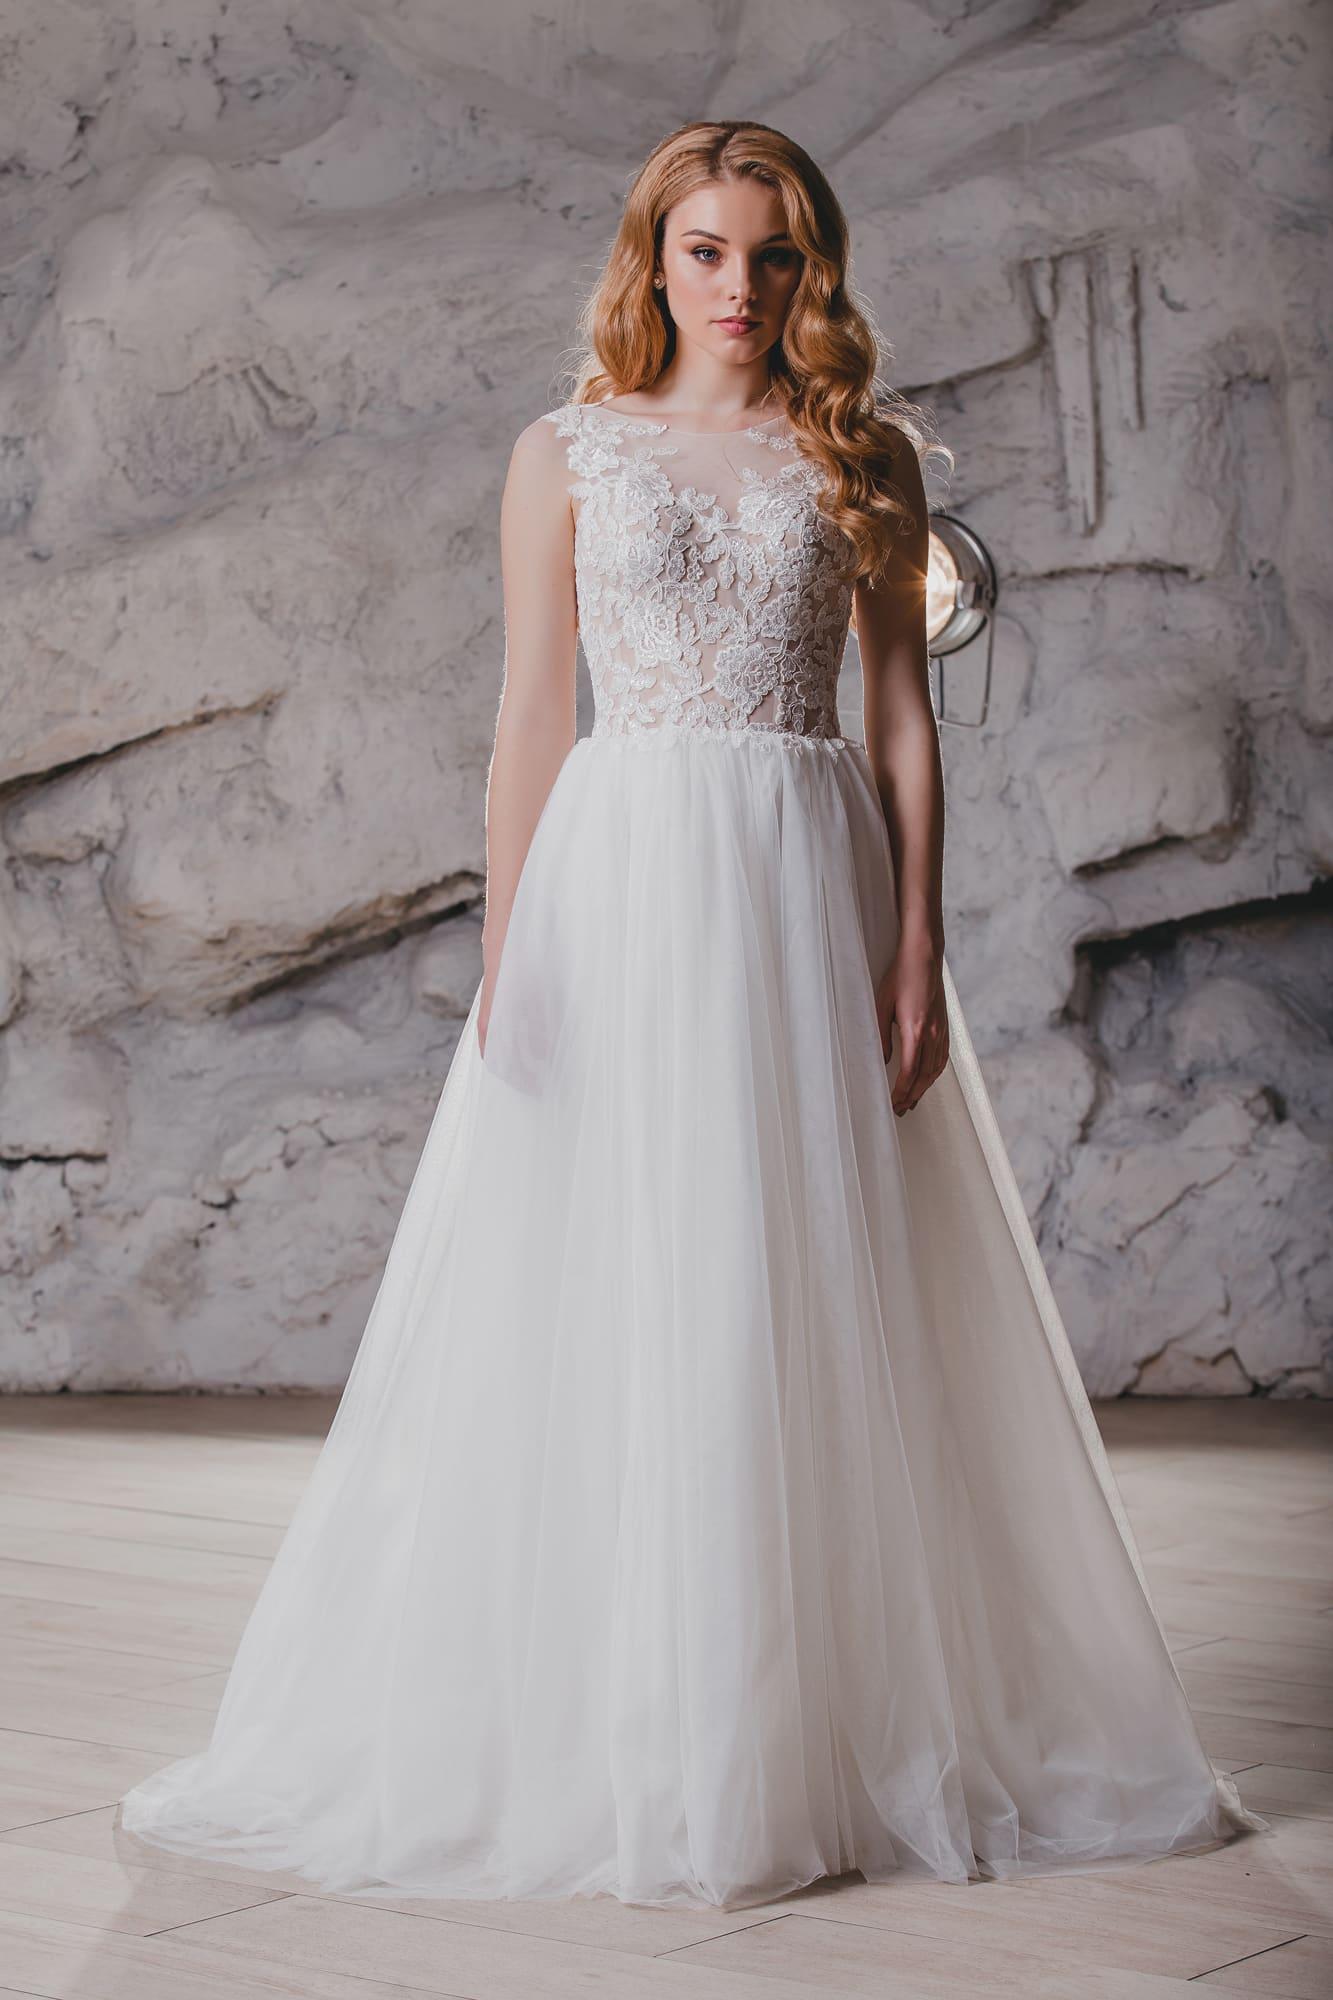 ed8131e92dcf8e0 Свадебное платье Queen Katrin ▷ Свадебный Торговый Центр Вега в Москве